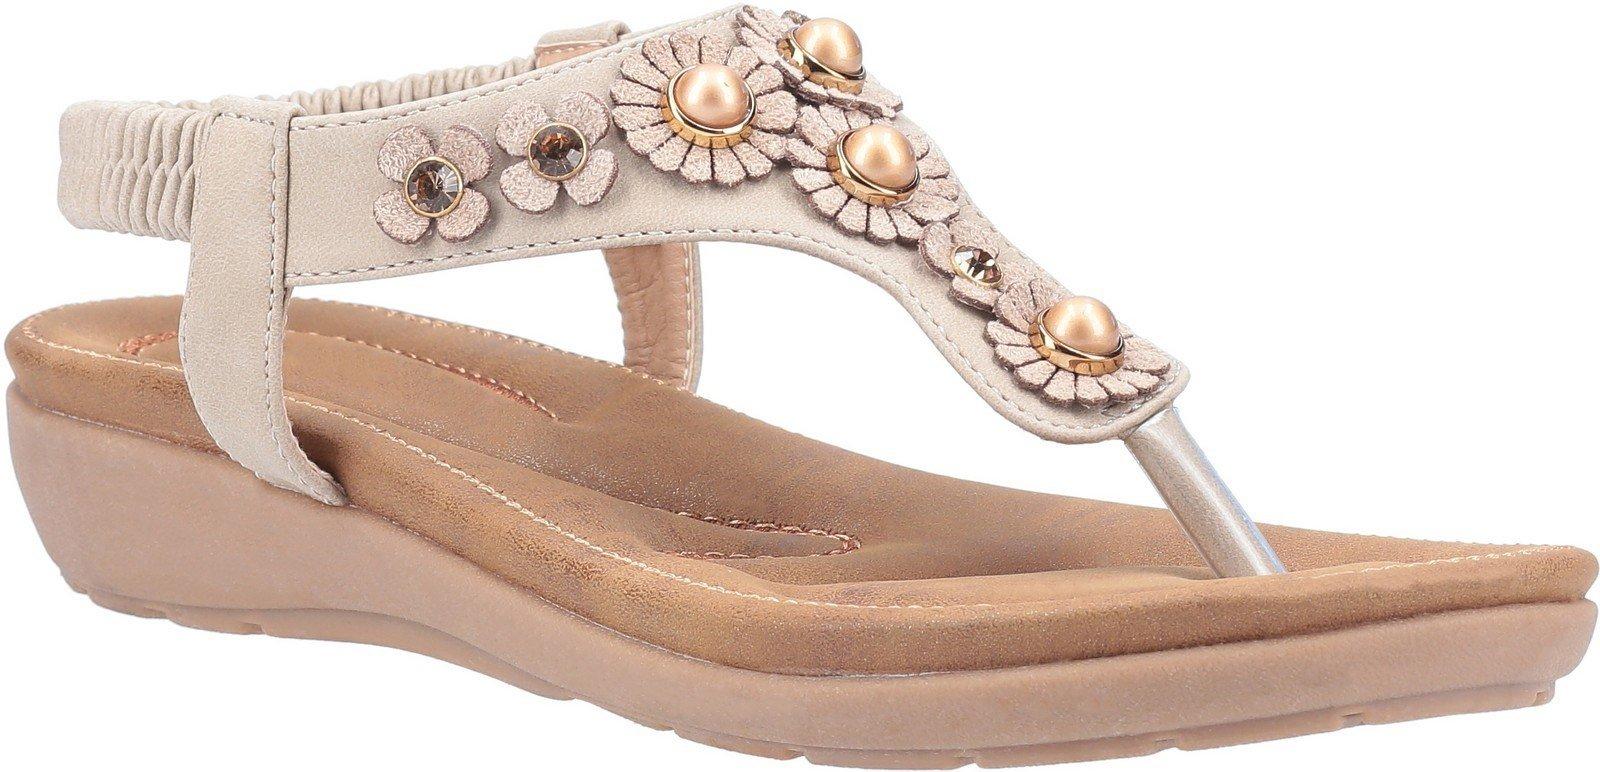 Fleet & Foster Women's Phoebe Slip On Sandal Various Colours 30100 - Taupe 3